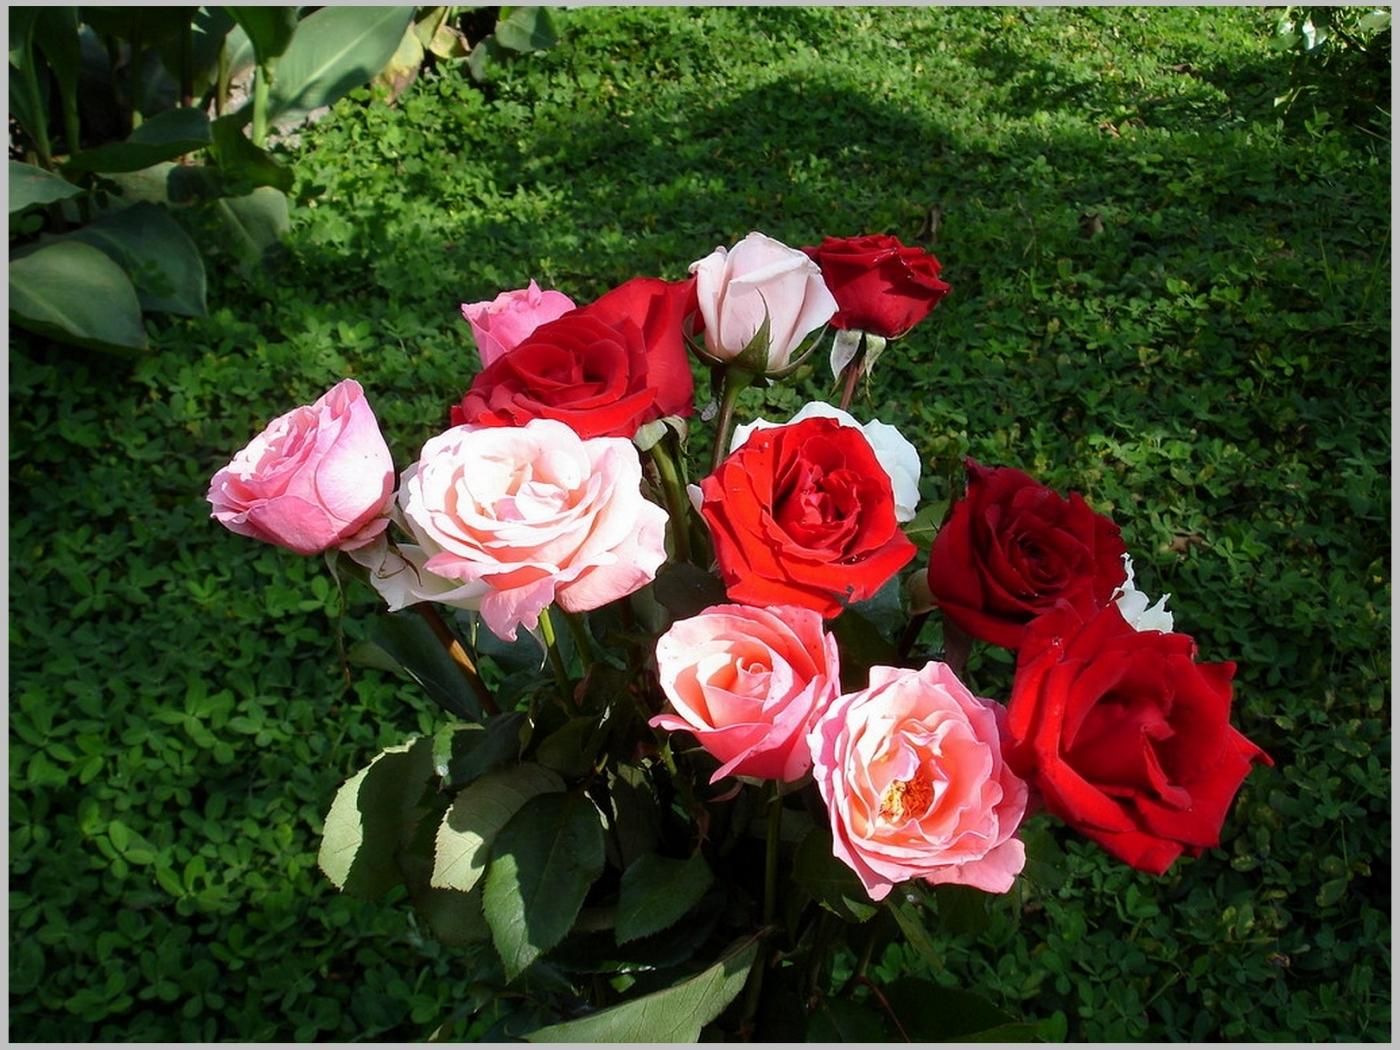 48700 скачать обои Растения, Цветы, Розы - заставки и картинки бесплатно